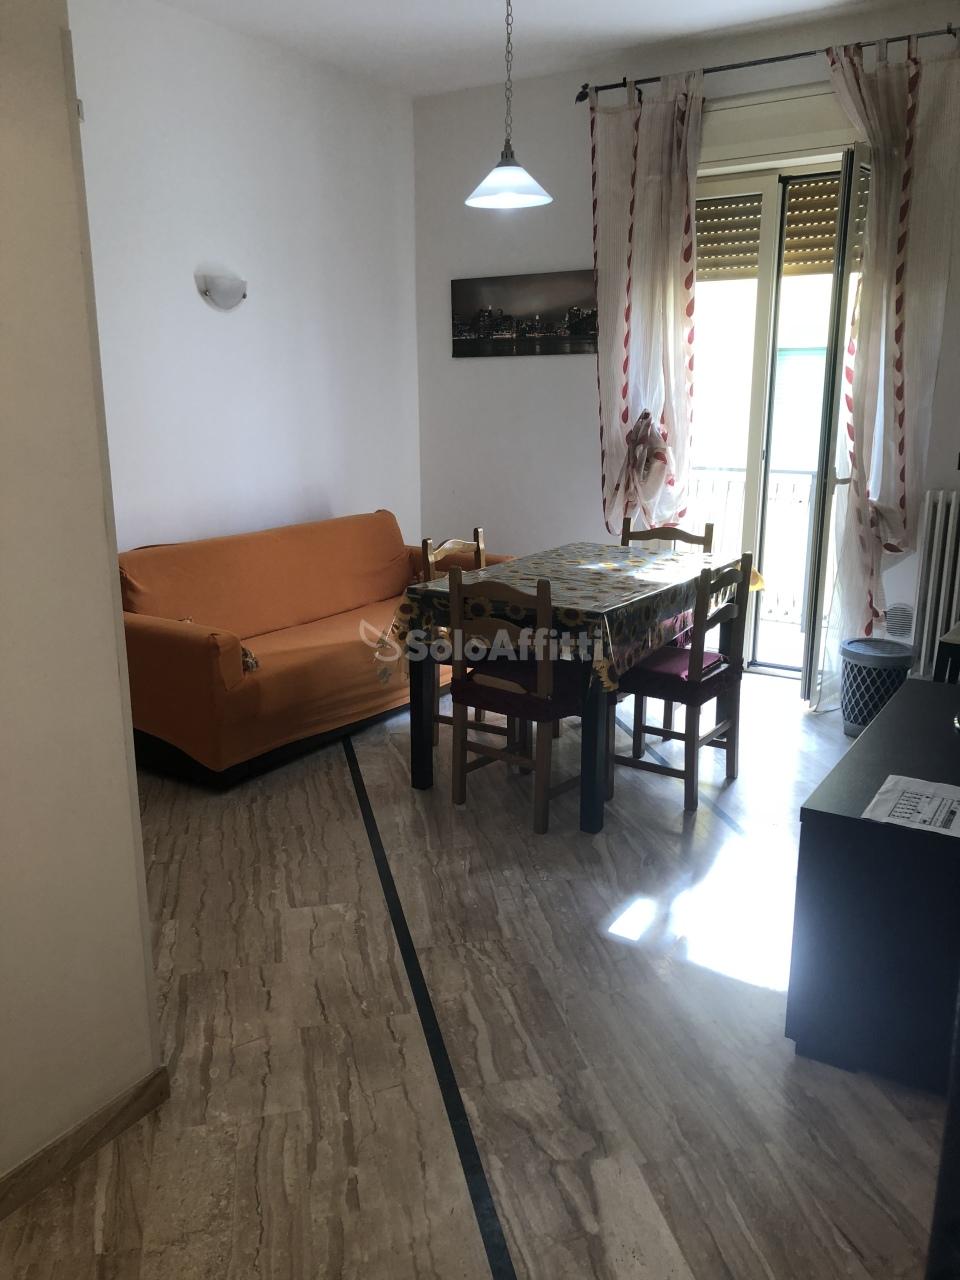 Appartamento - Trilocale a Viale De Gasperi, San Benedetto del Tronto